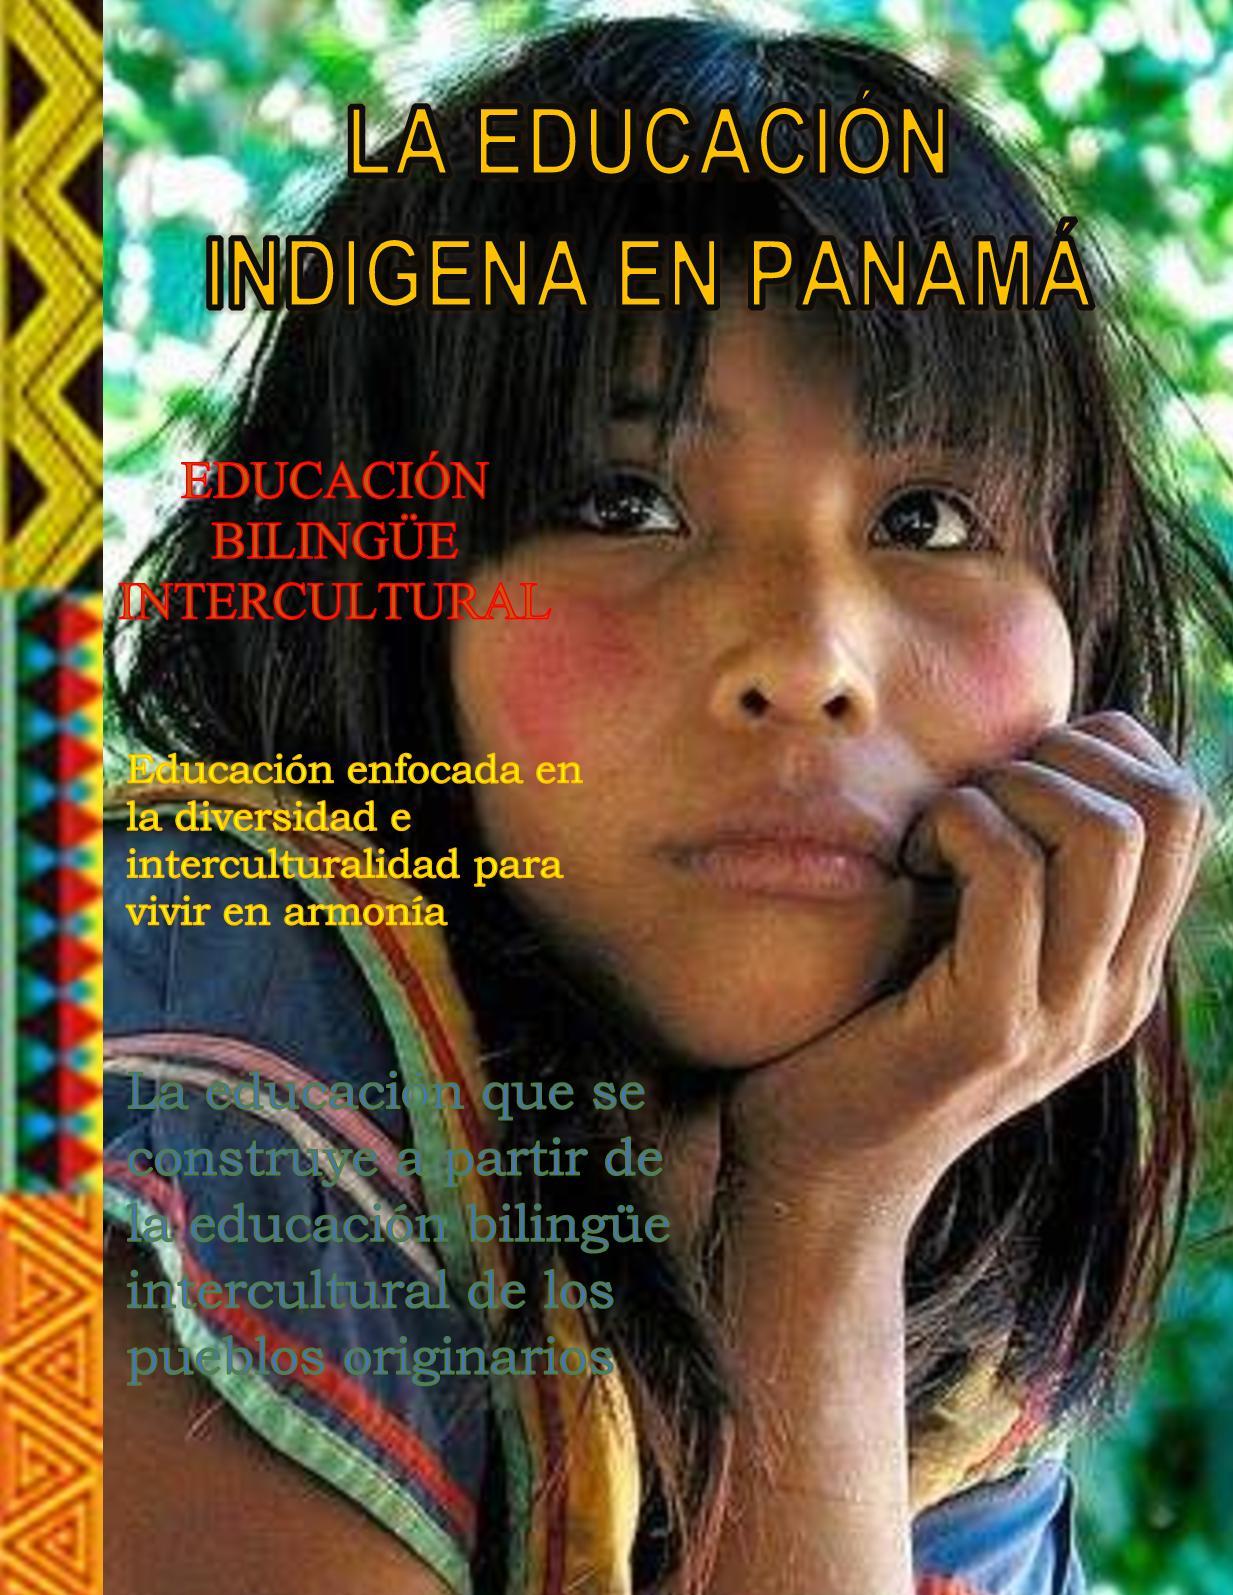 La educación indígena en panamá